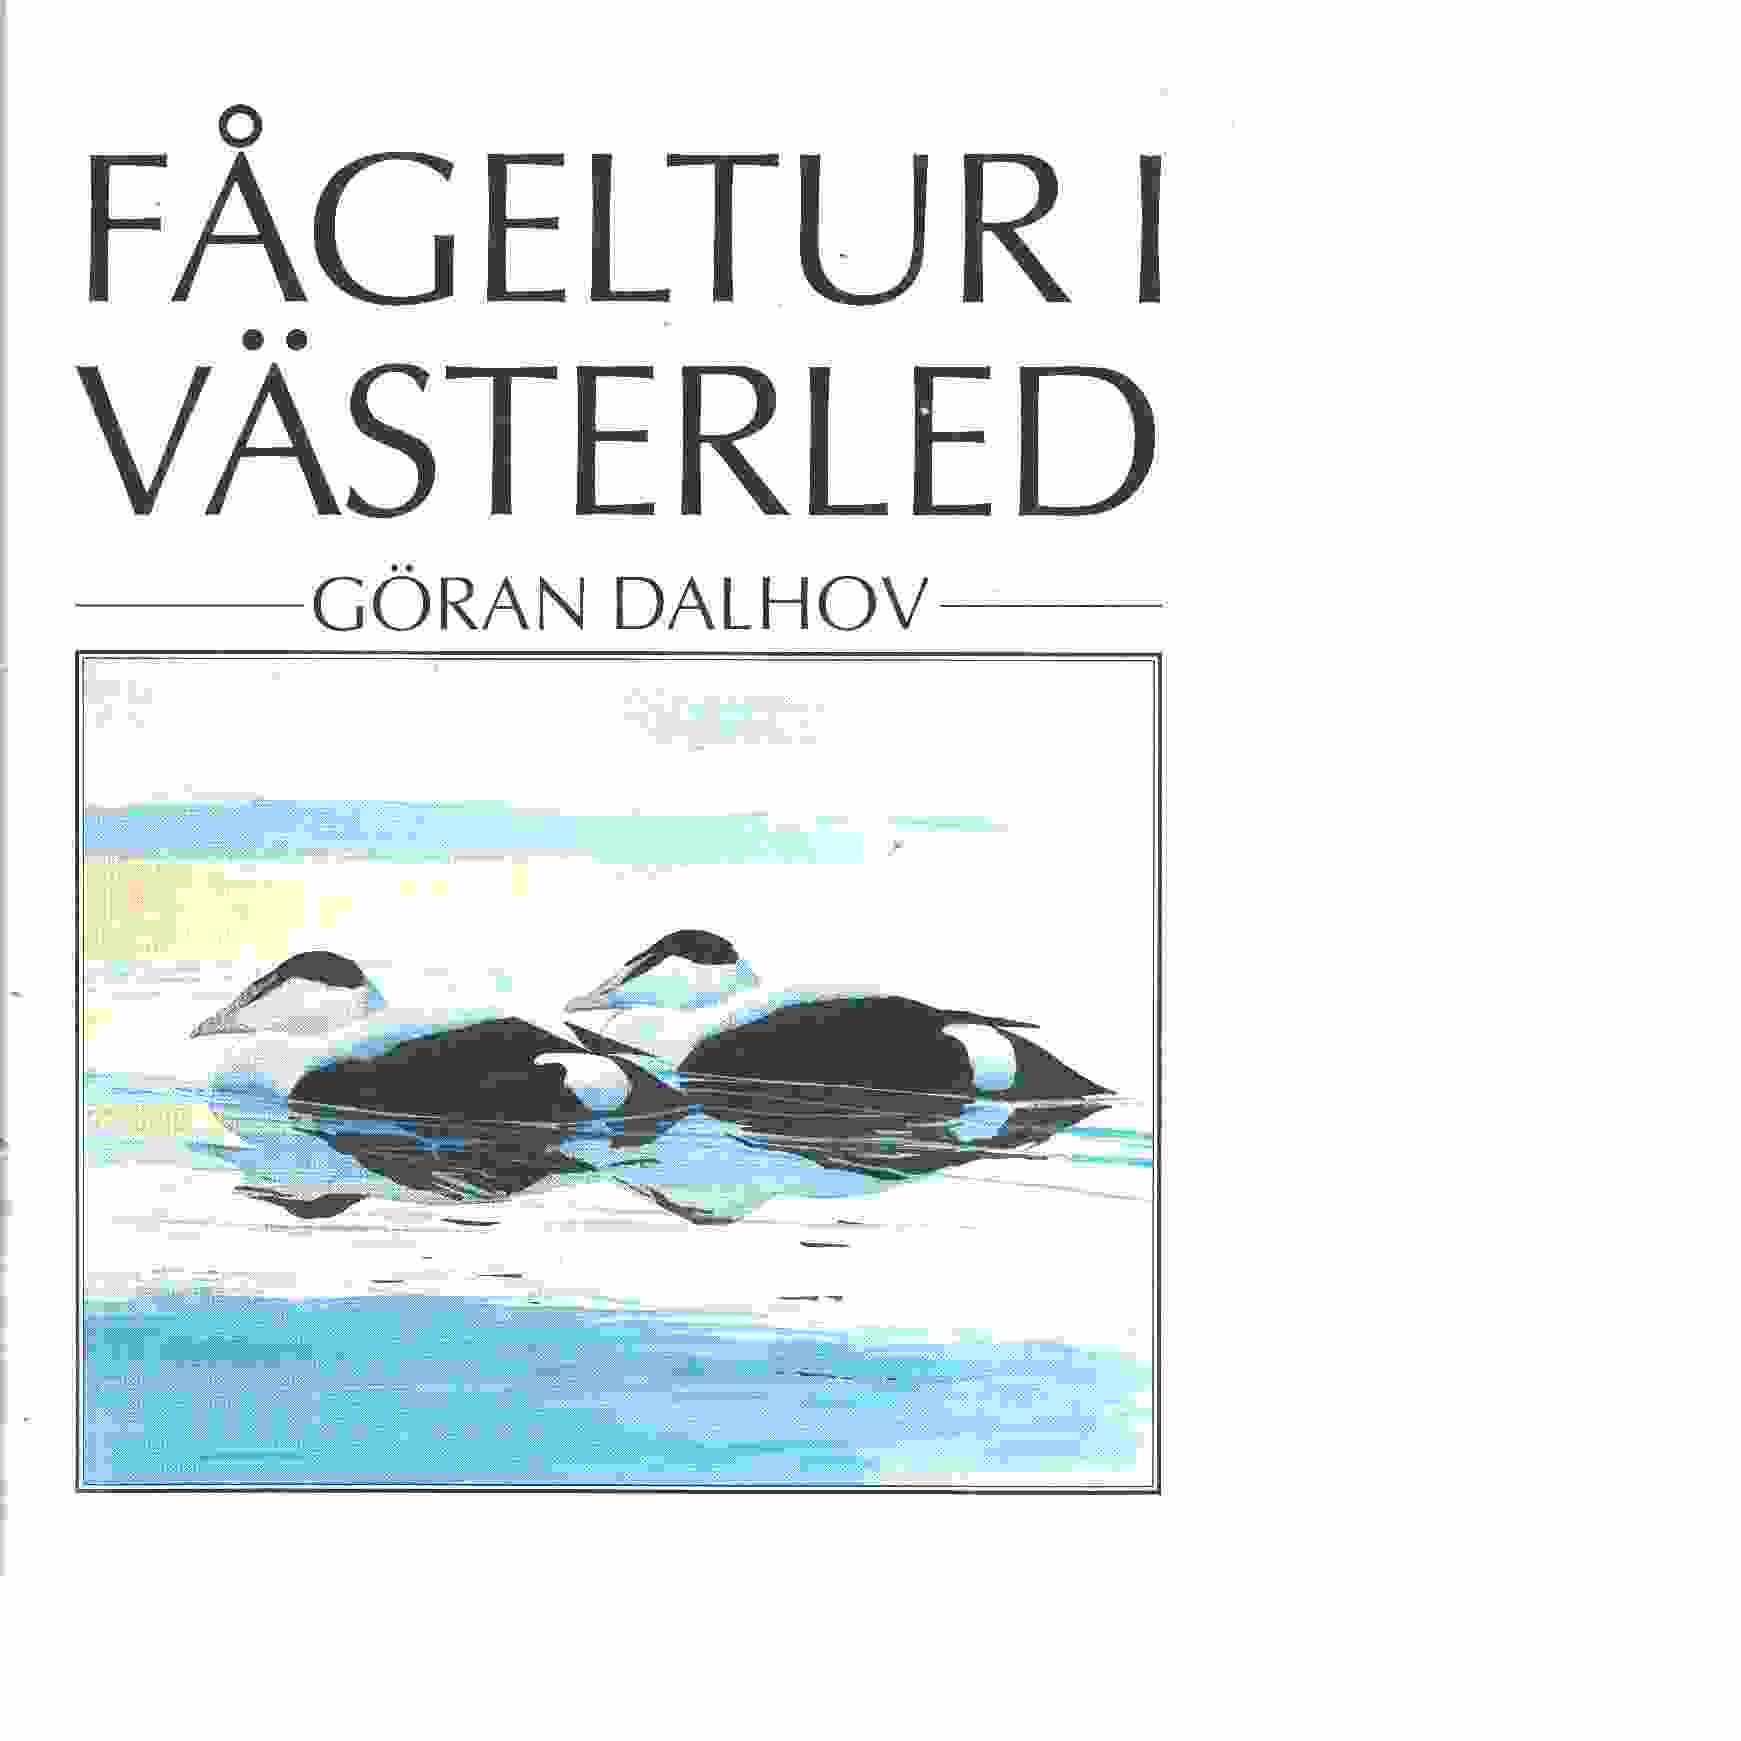 Fågeltur i västerled  - Dalhov, Göran